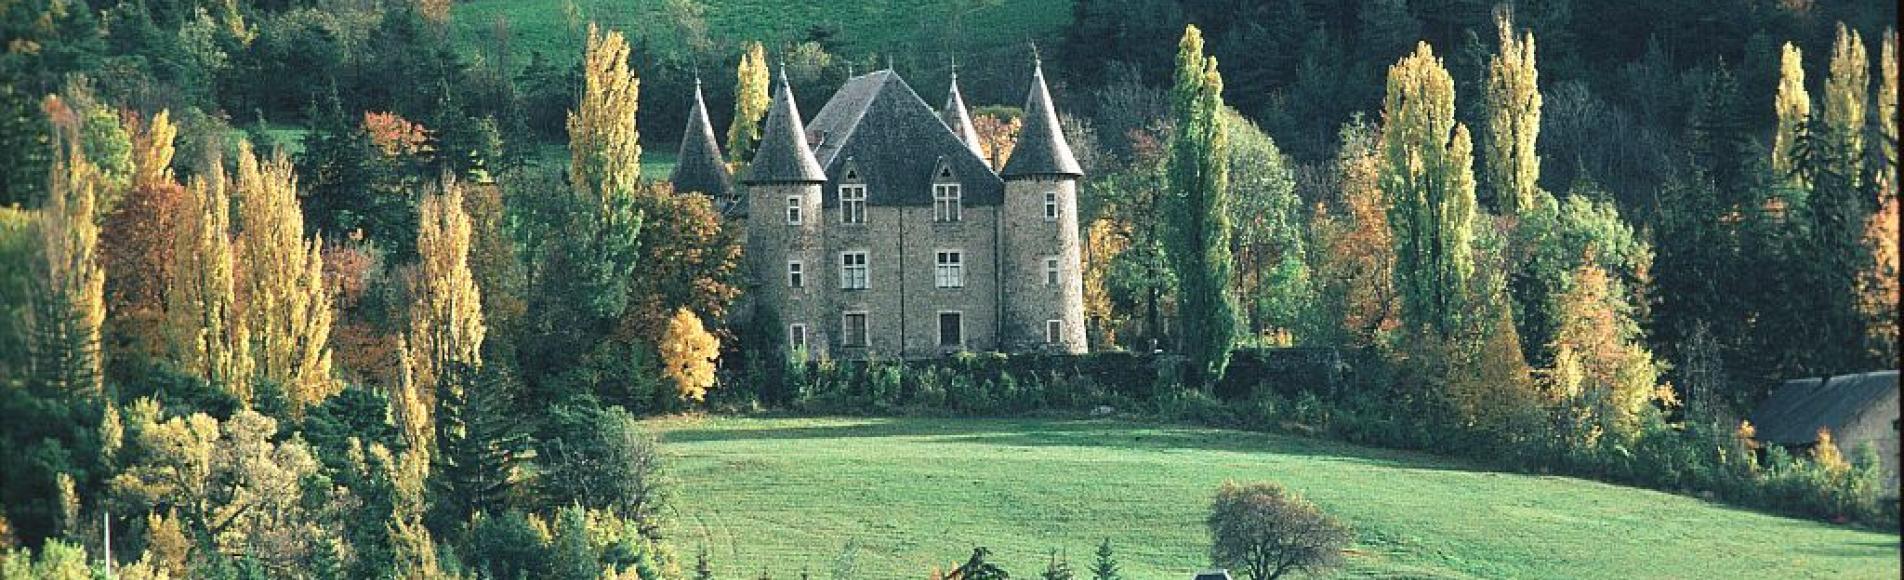 Le château de Picontal à Crots © Christian Couloumy - Parc national des Ecrins